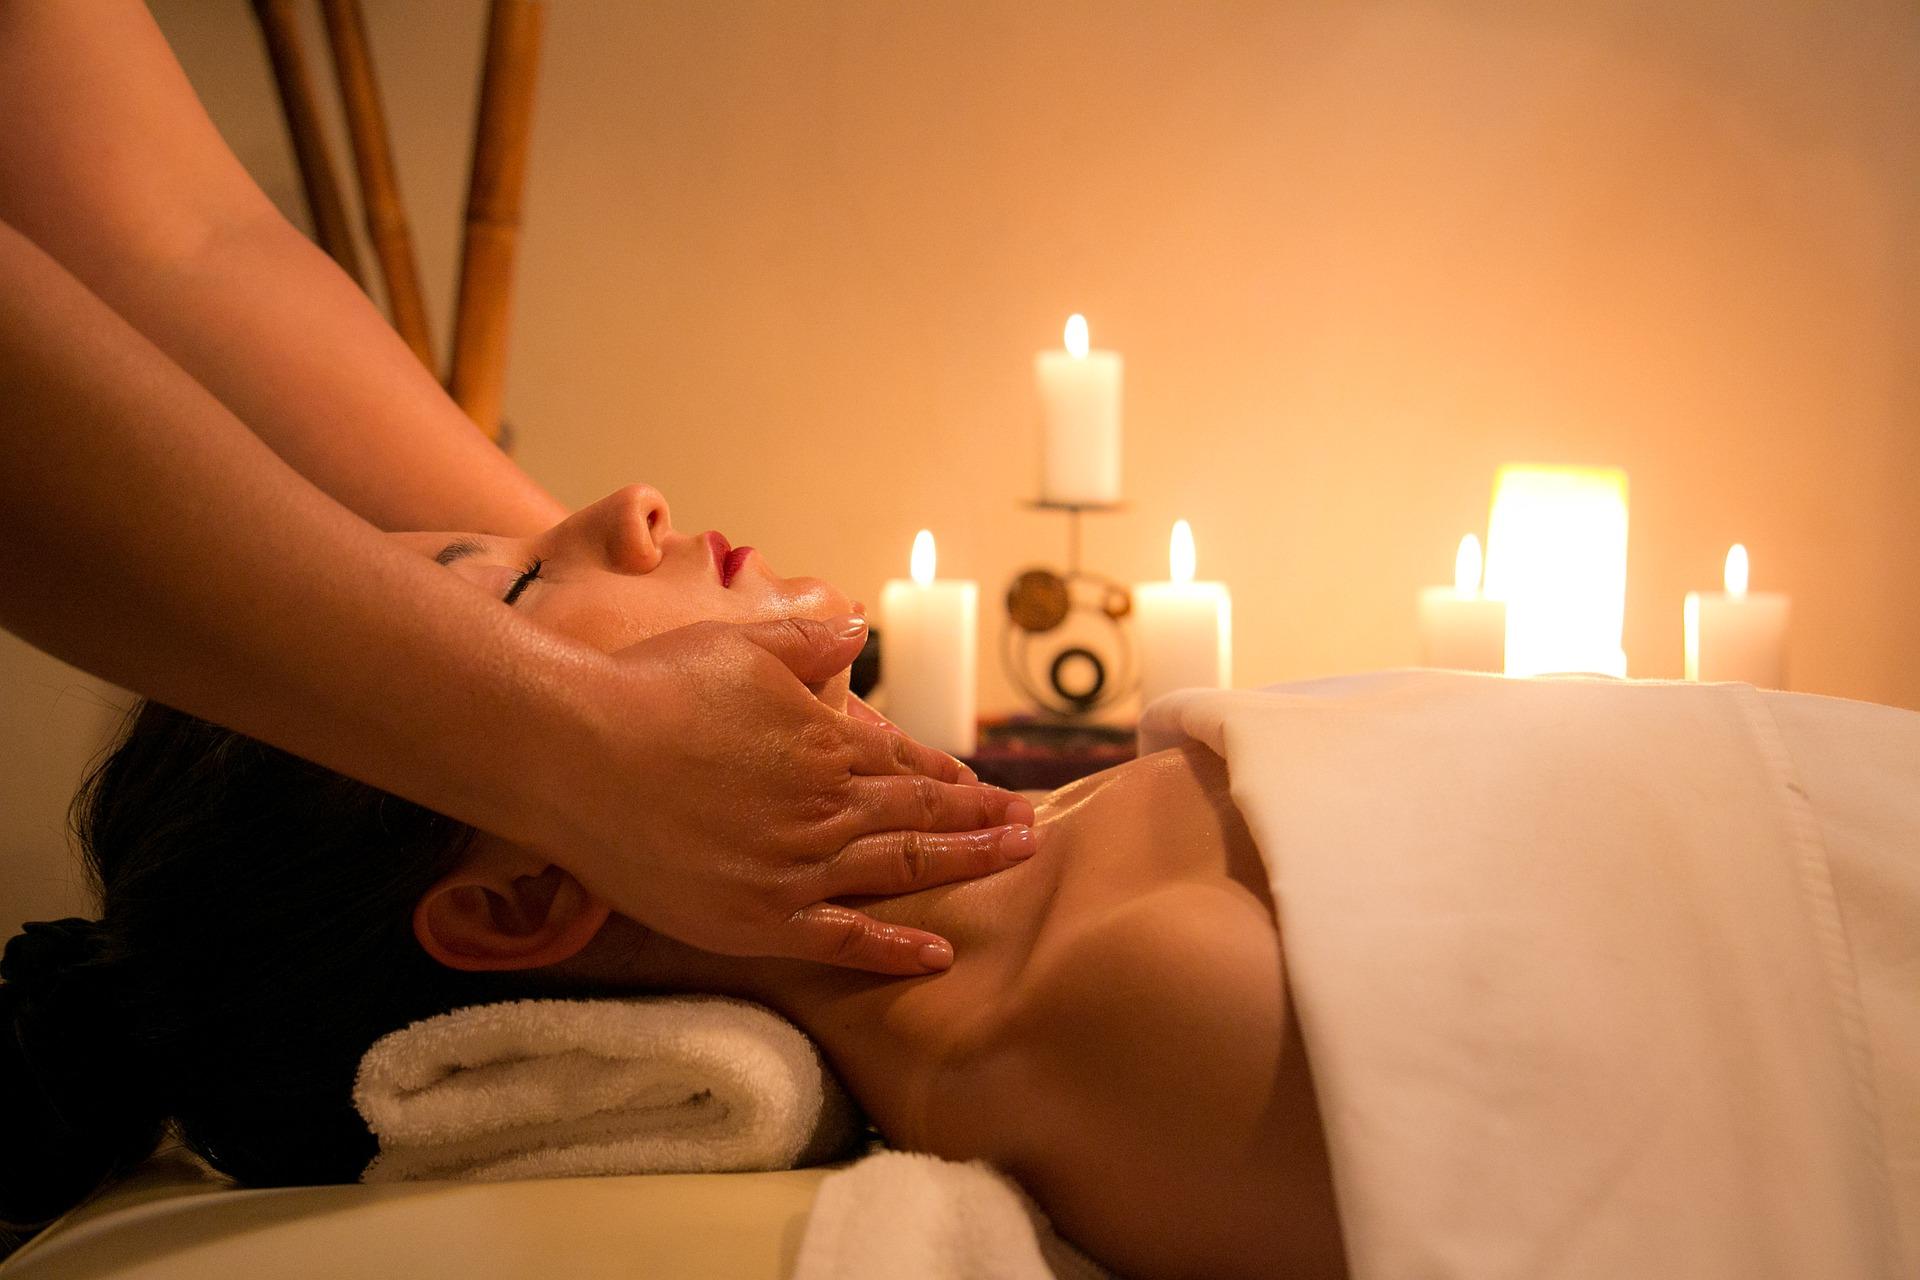 De masseur laat je even helemaal weg van de wereld glijden met een stevige deugddoende massage.  Door zijn opleiding als kinesist kent hij de kneepjes van het vak!  Zorgvuldig masseert hij je stress en spanning weg.  Last van lage rugpijnen, stress, spanningen,...  Een heerlijke massage doet wonderen!!!